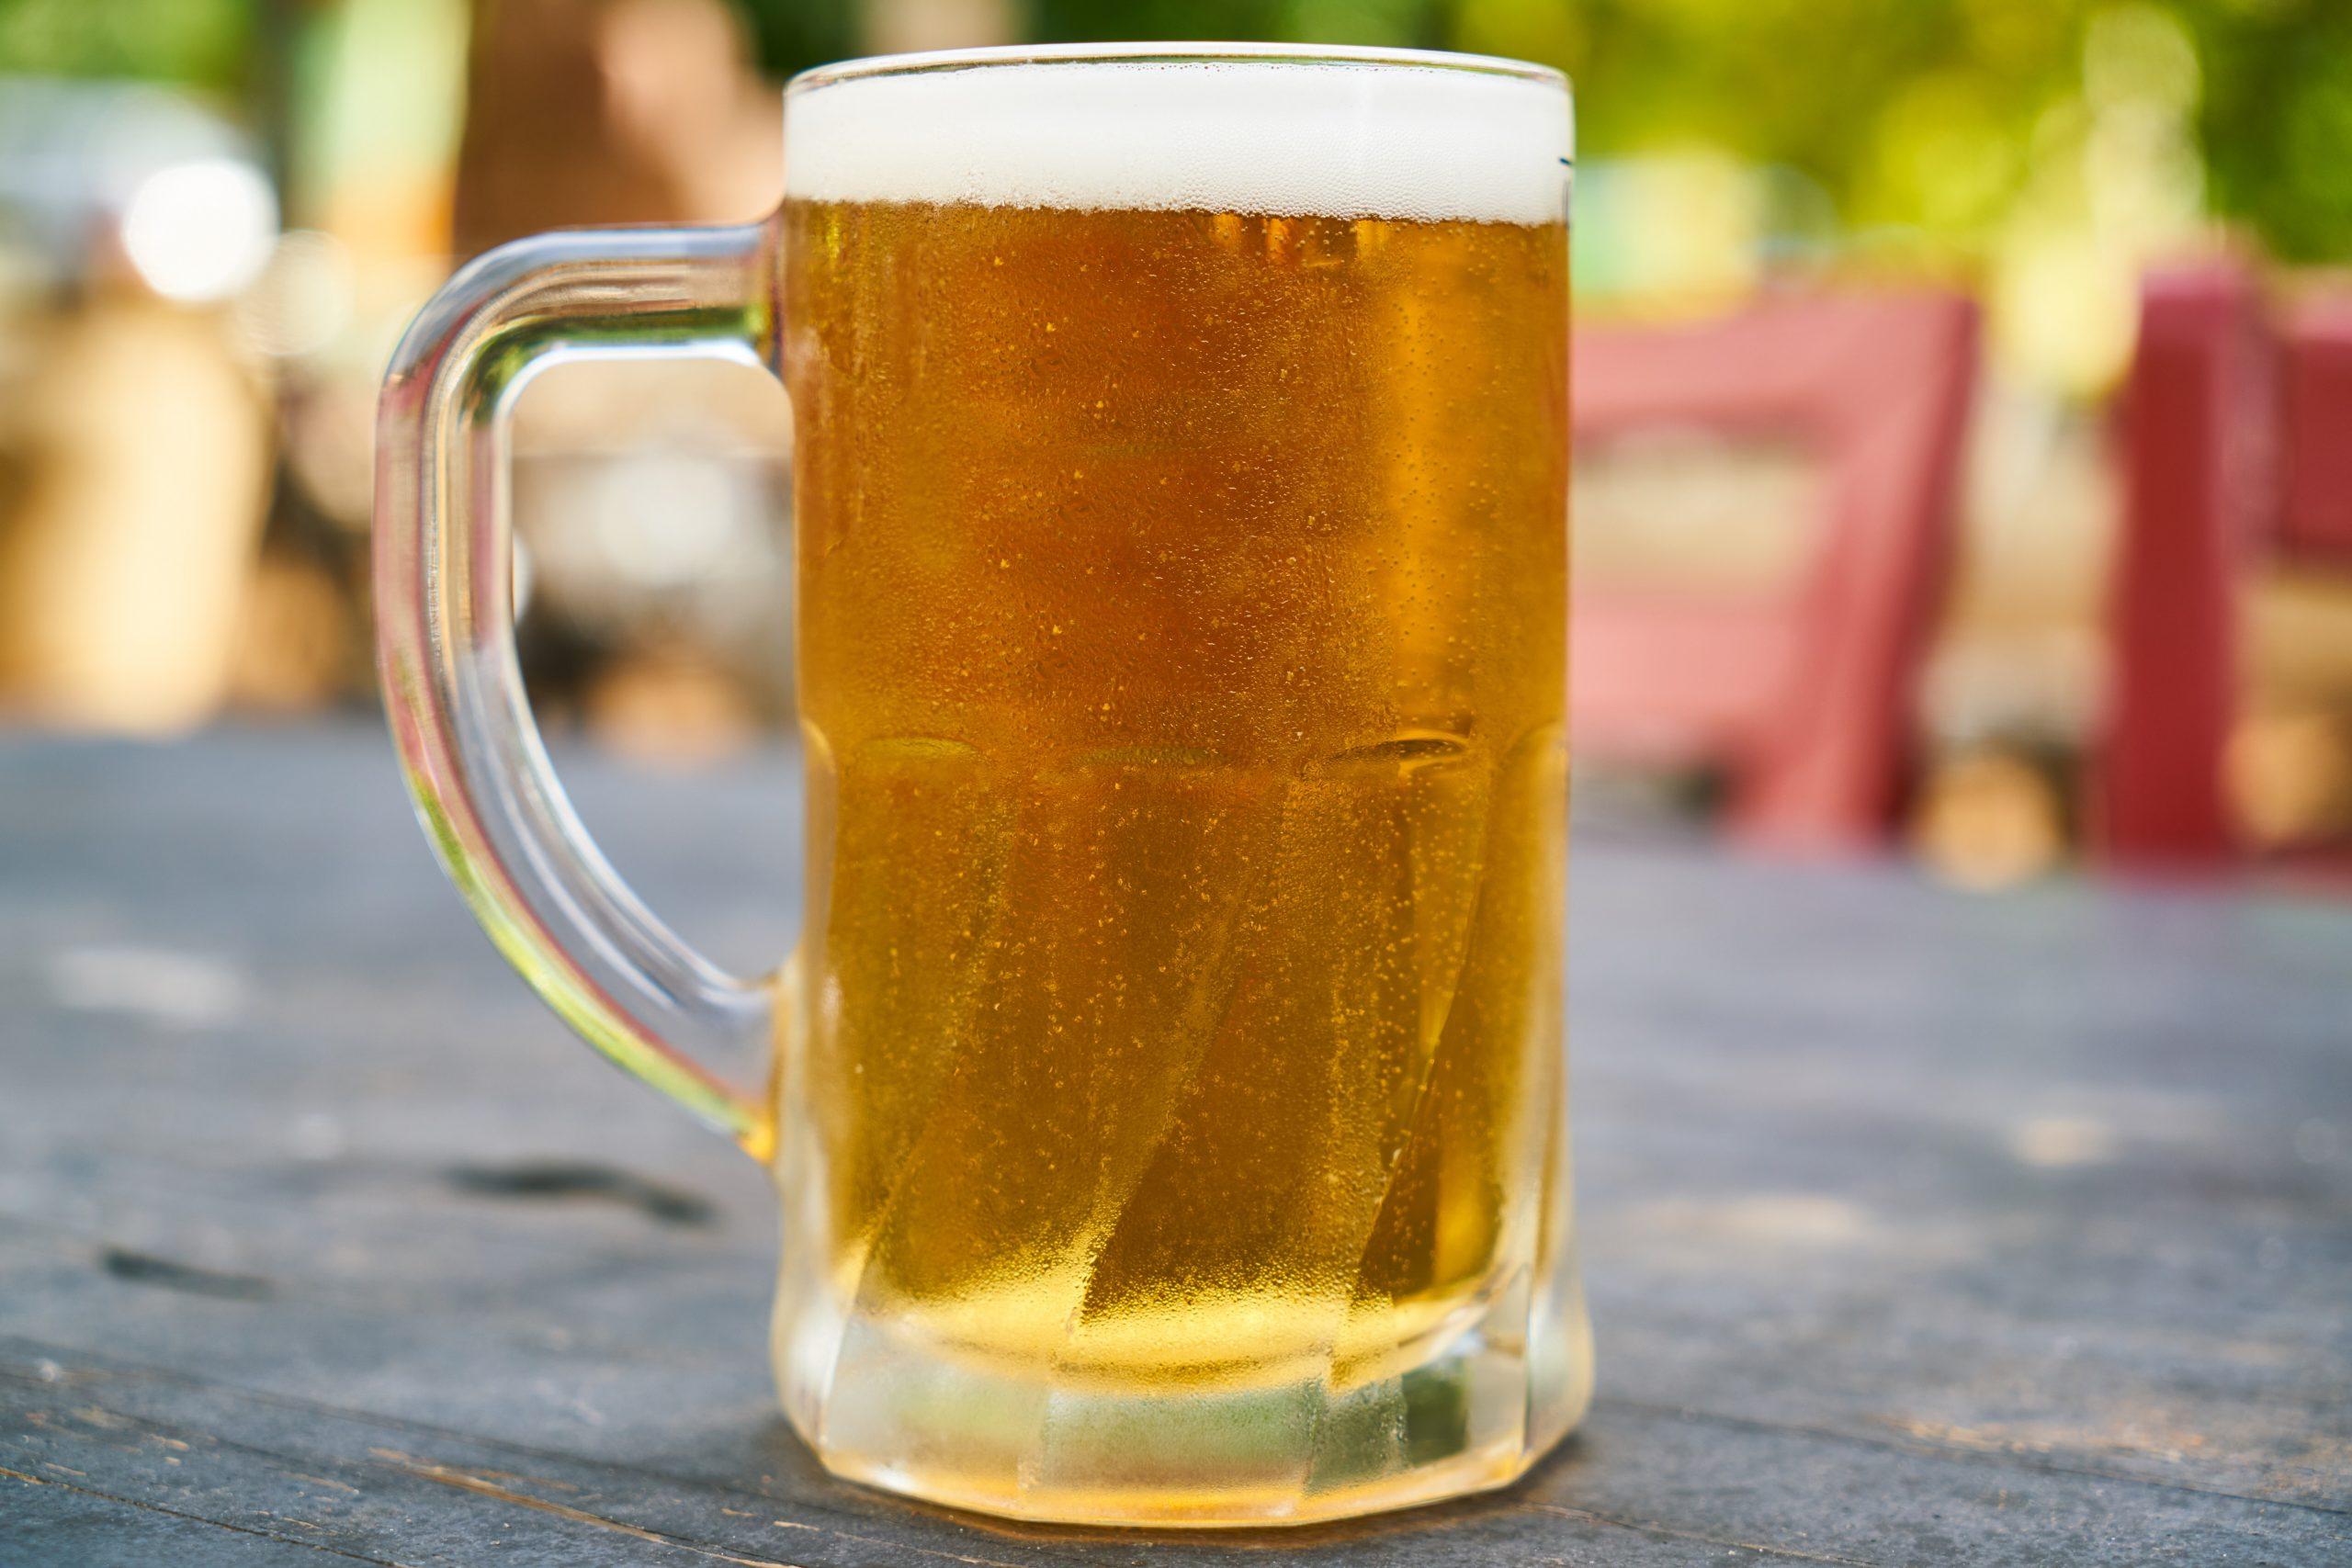 antal sockerbitar i en öl